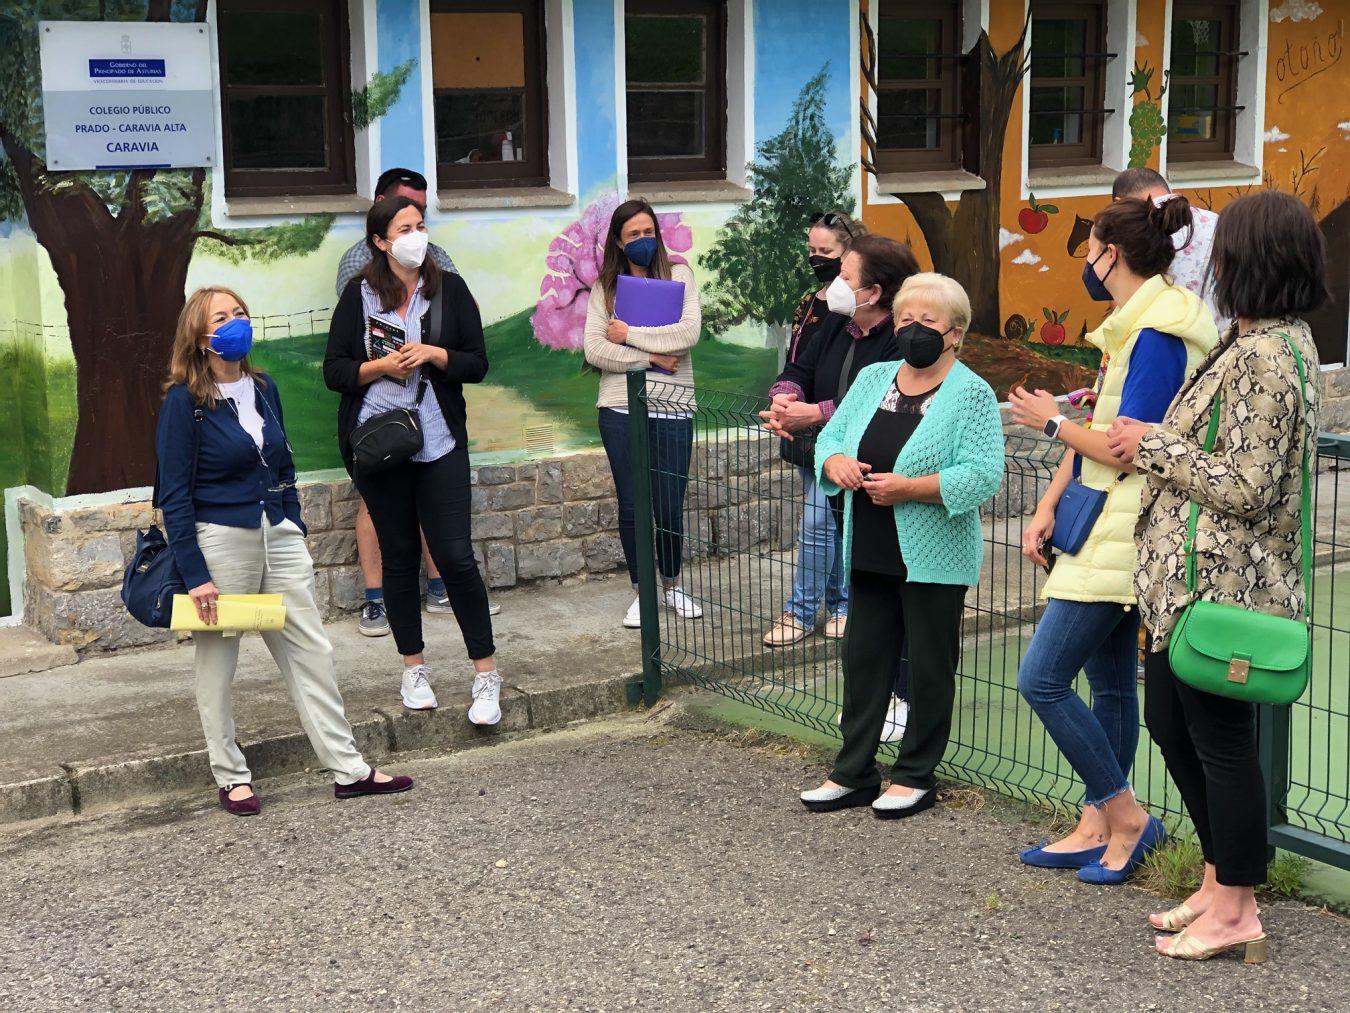 Caravia quiere que el Colegio Público de Prado cuente con transporte y comedor escolar